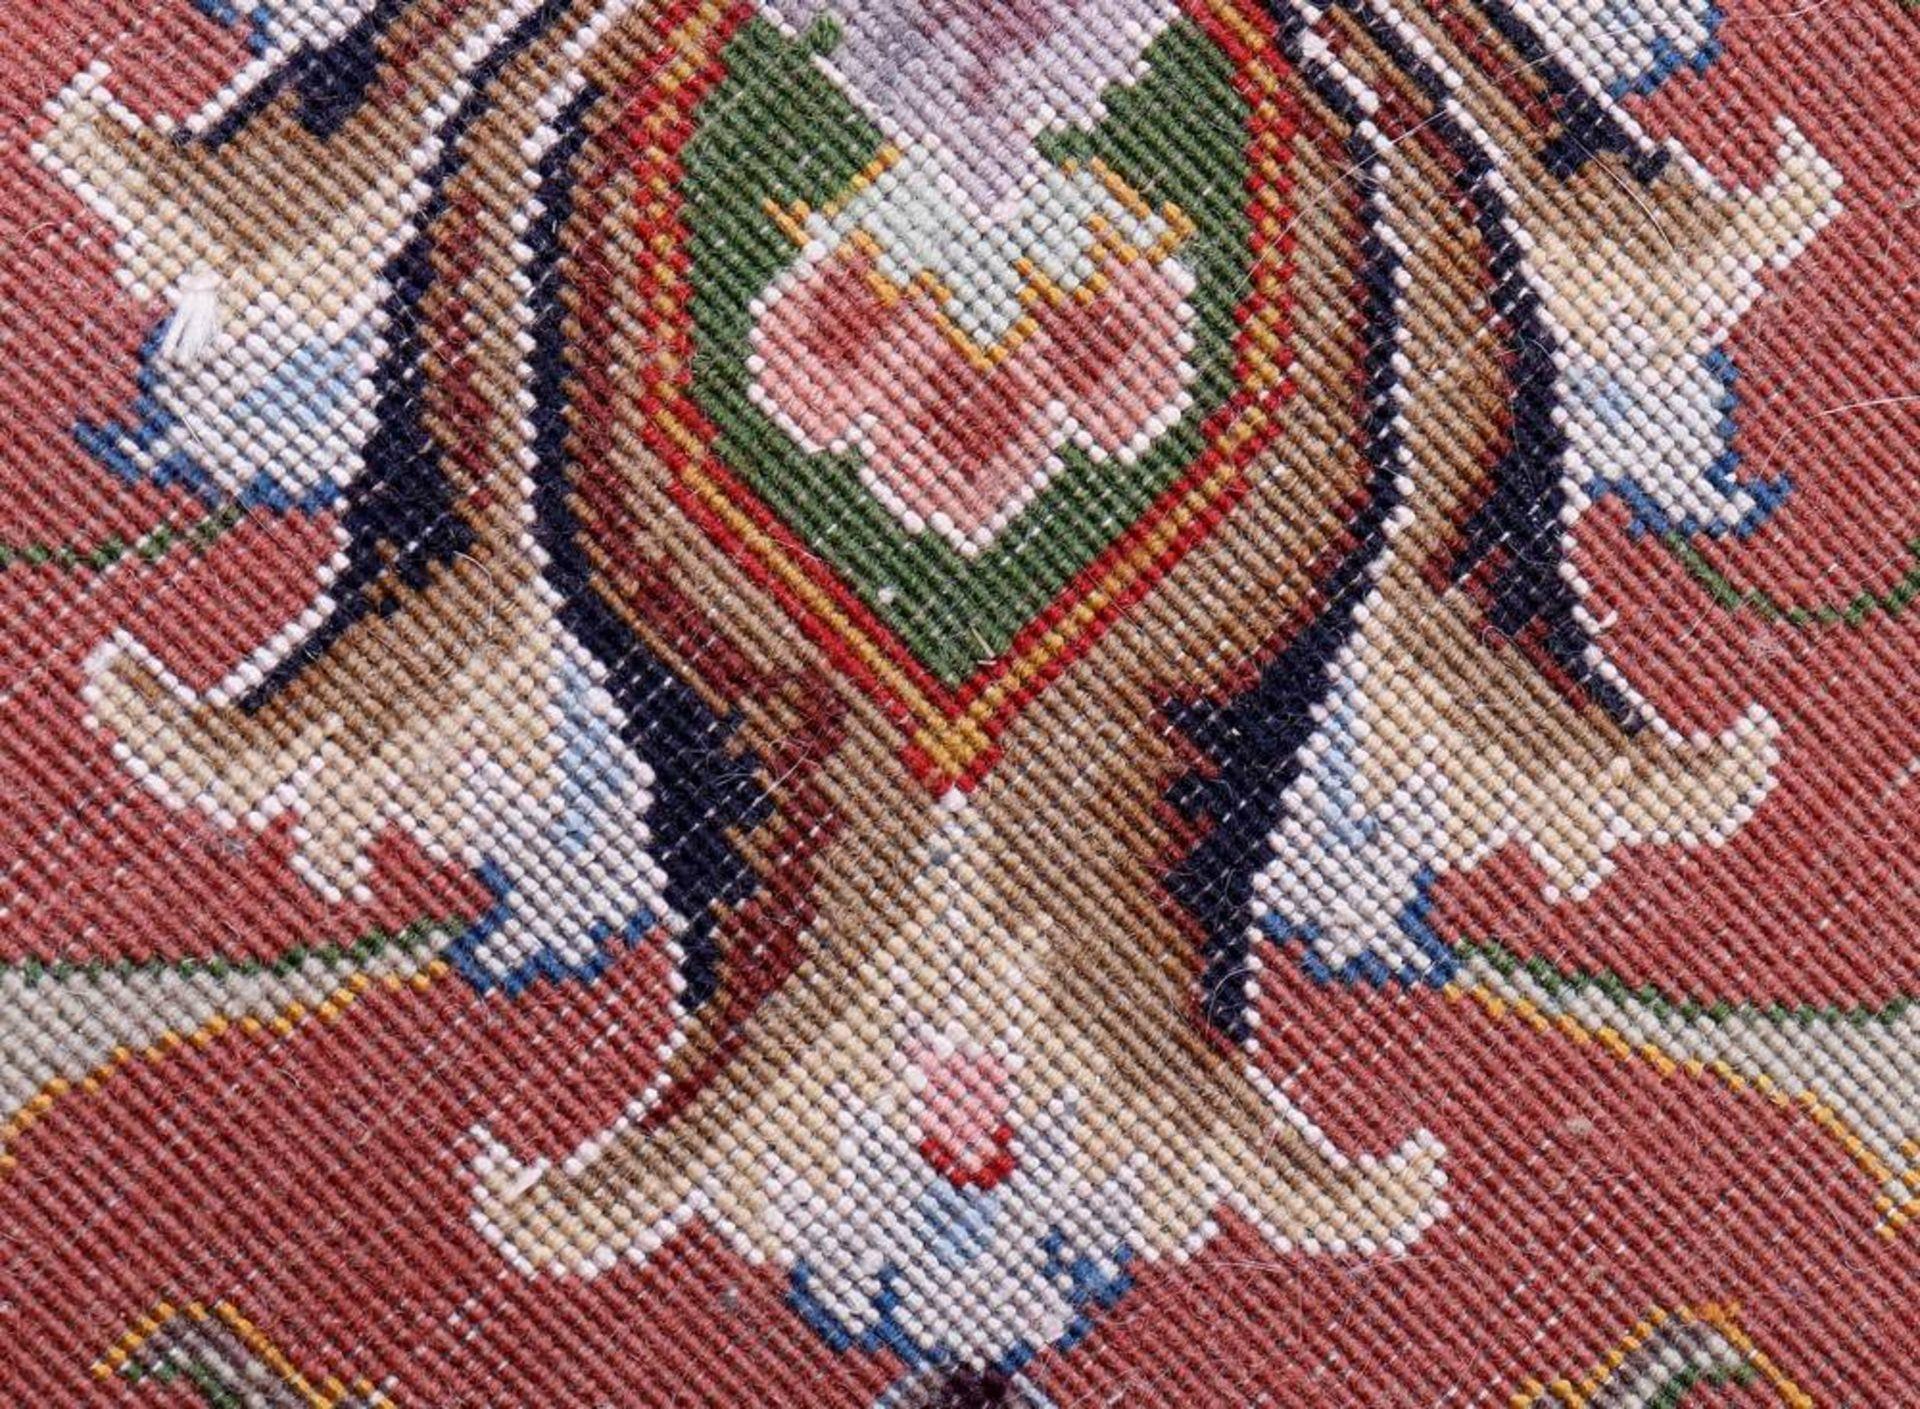 Teppich, Täbriz, Persien, Korkwolle mit Seide auf Baumwolle - Image 3 of 3